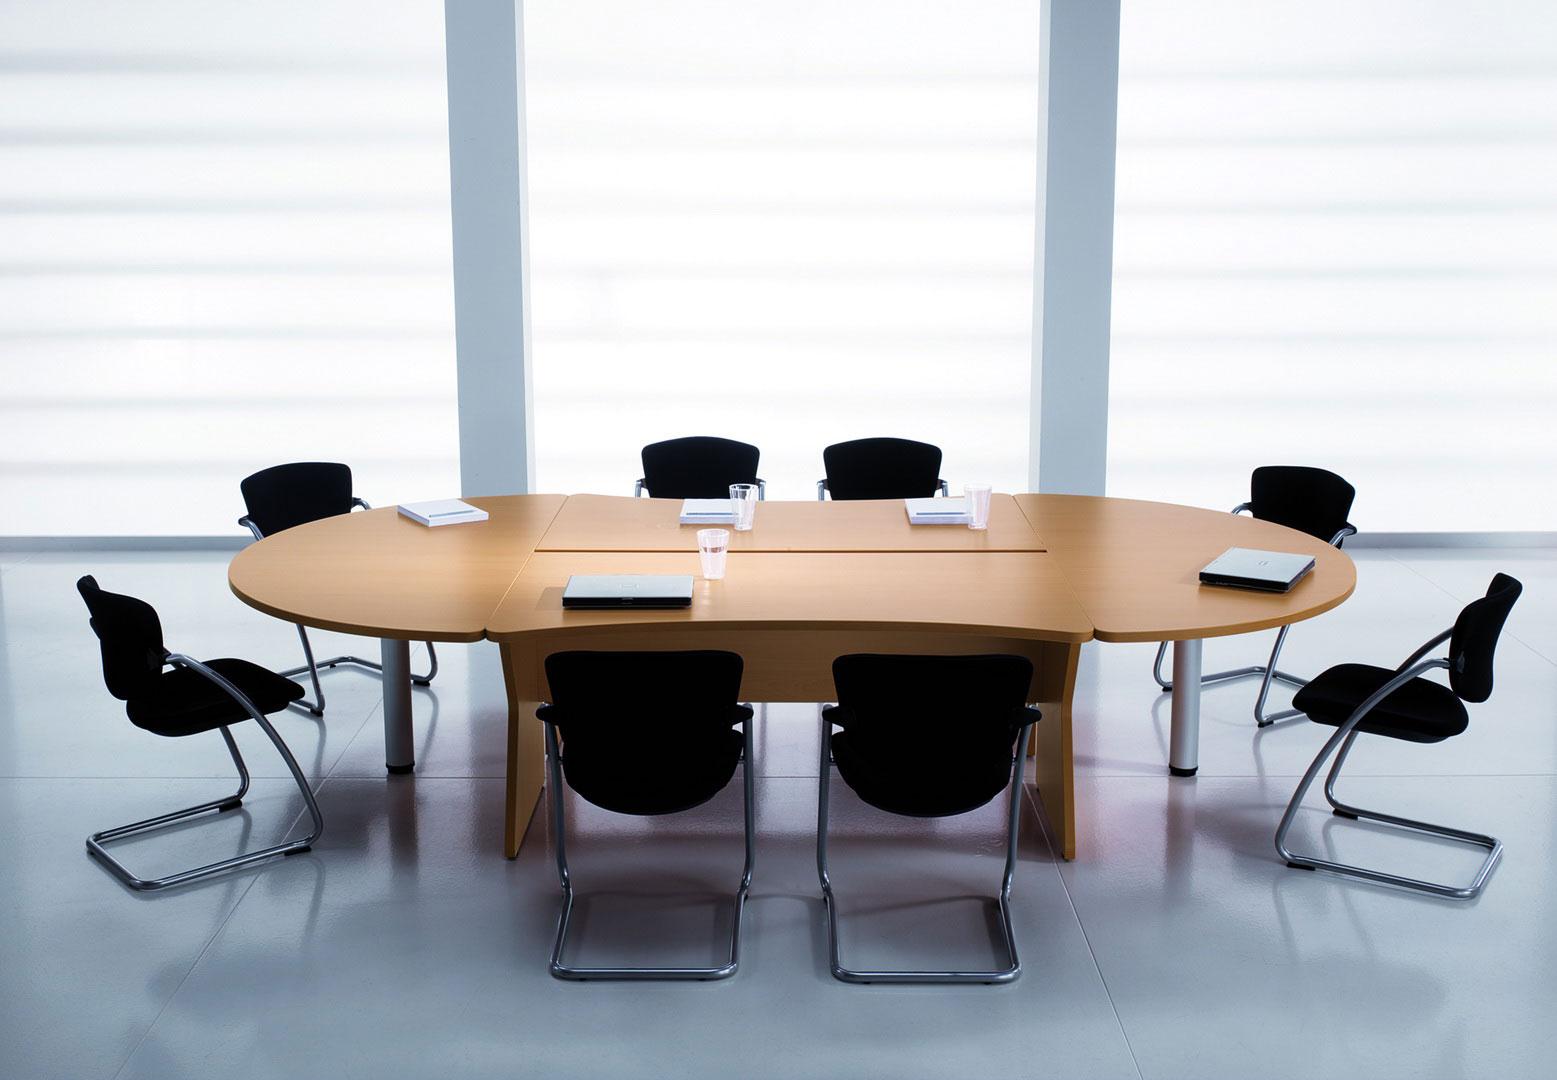 Arredamento Ufficio Cosenza : Business e uffici c4 home arredamenti cosenza